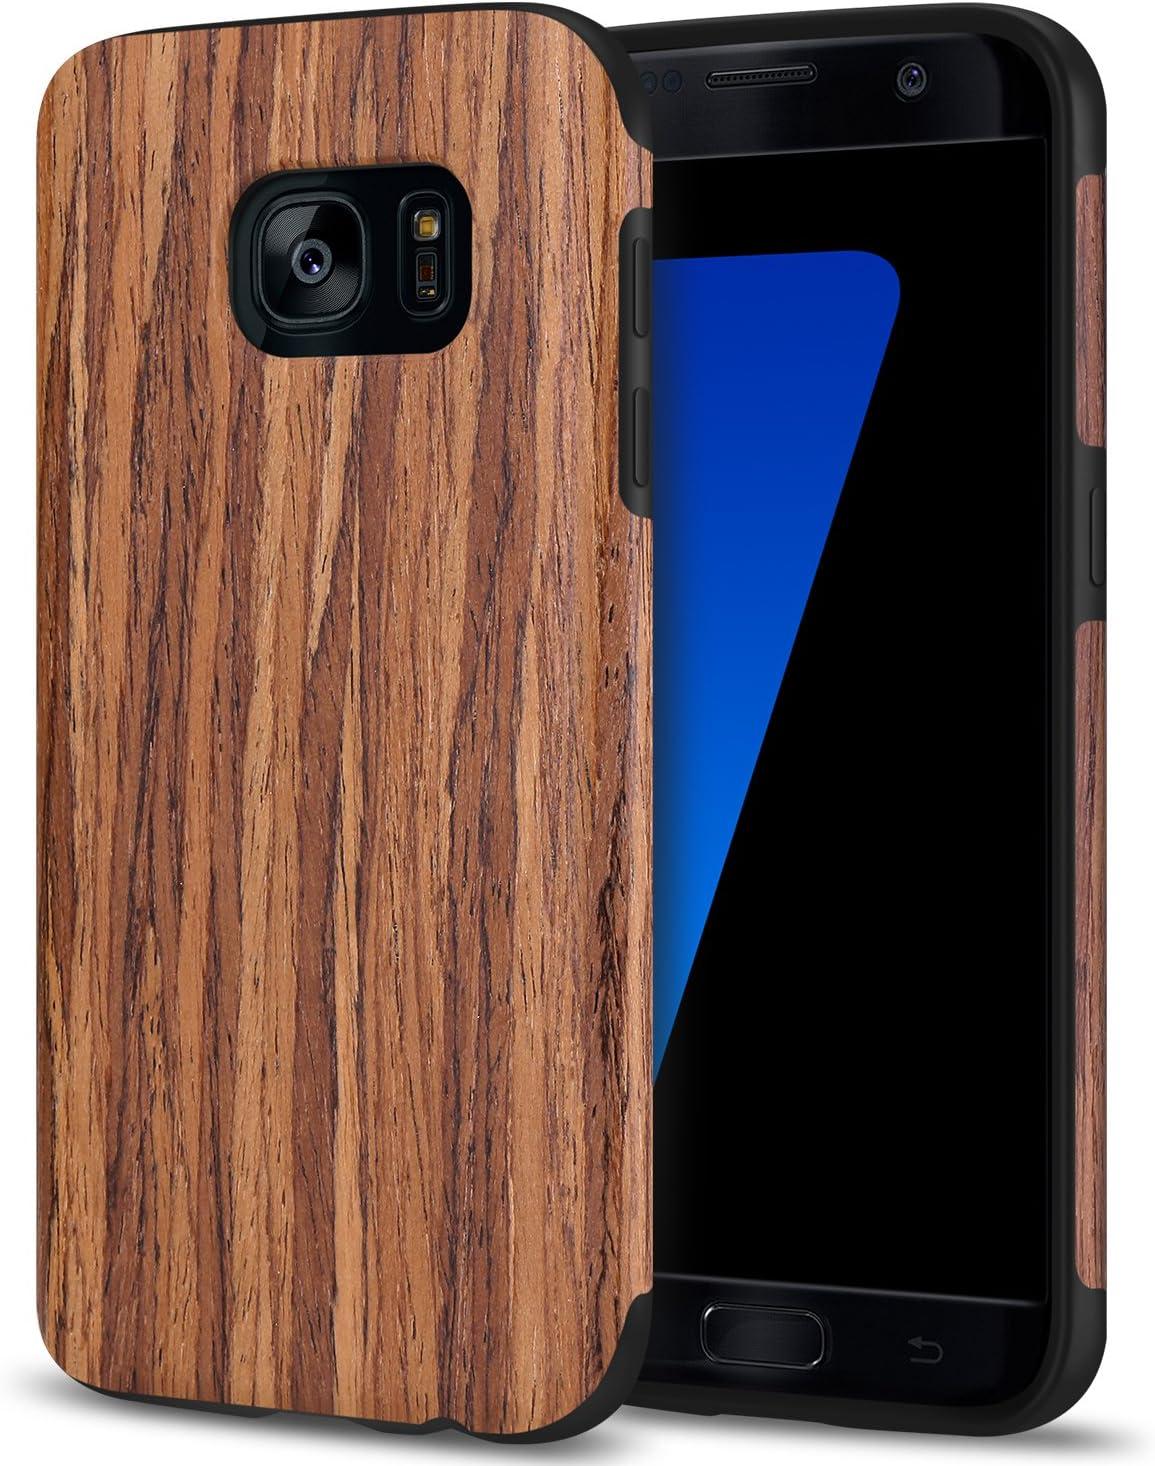 TENDLIN Galaxy S7 Case Wood Veneer Soft TPU Silicone Hybrid Slim Case for Samsung Galaxy S7 (Red Sandalwood)